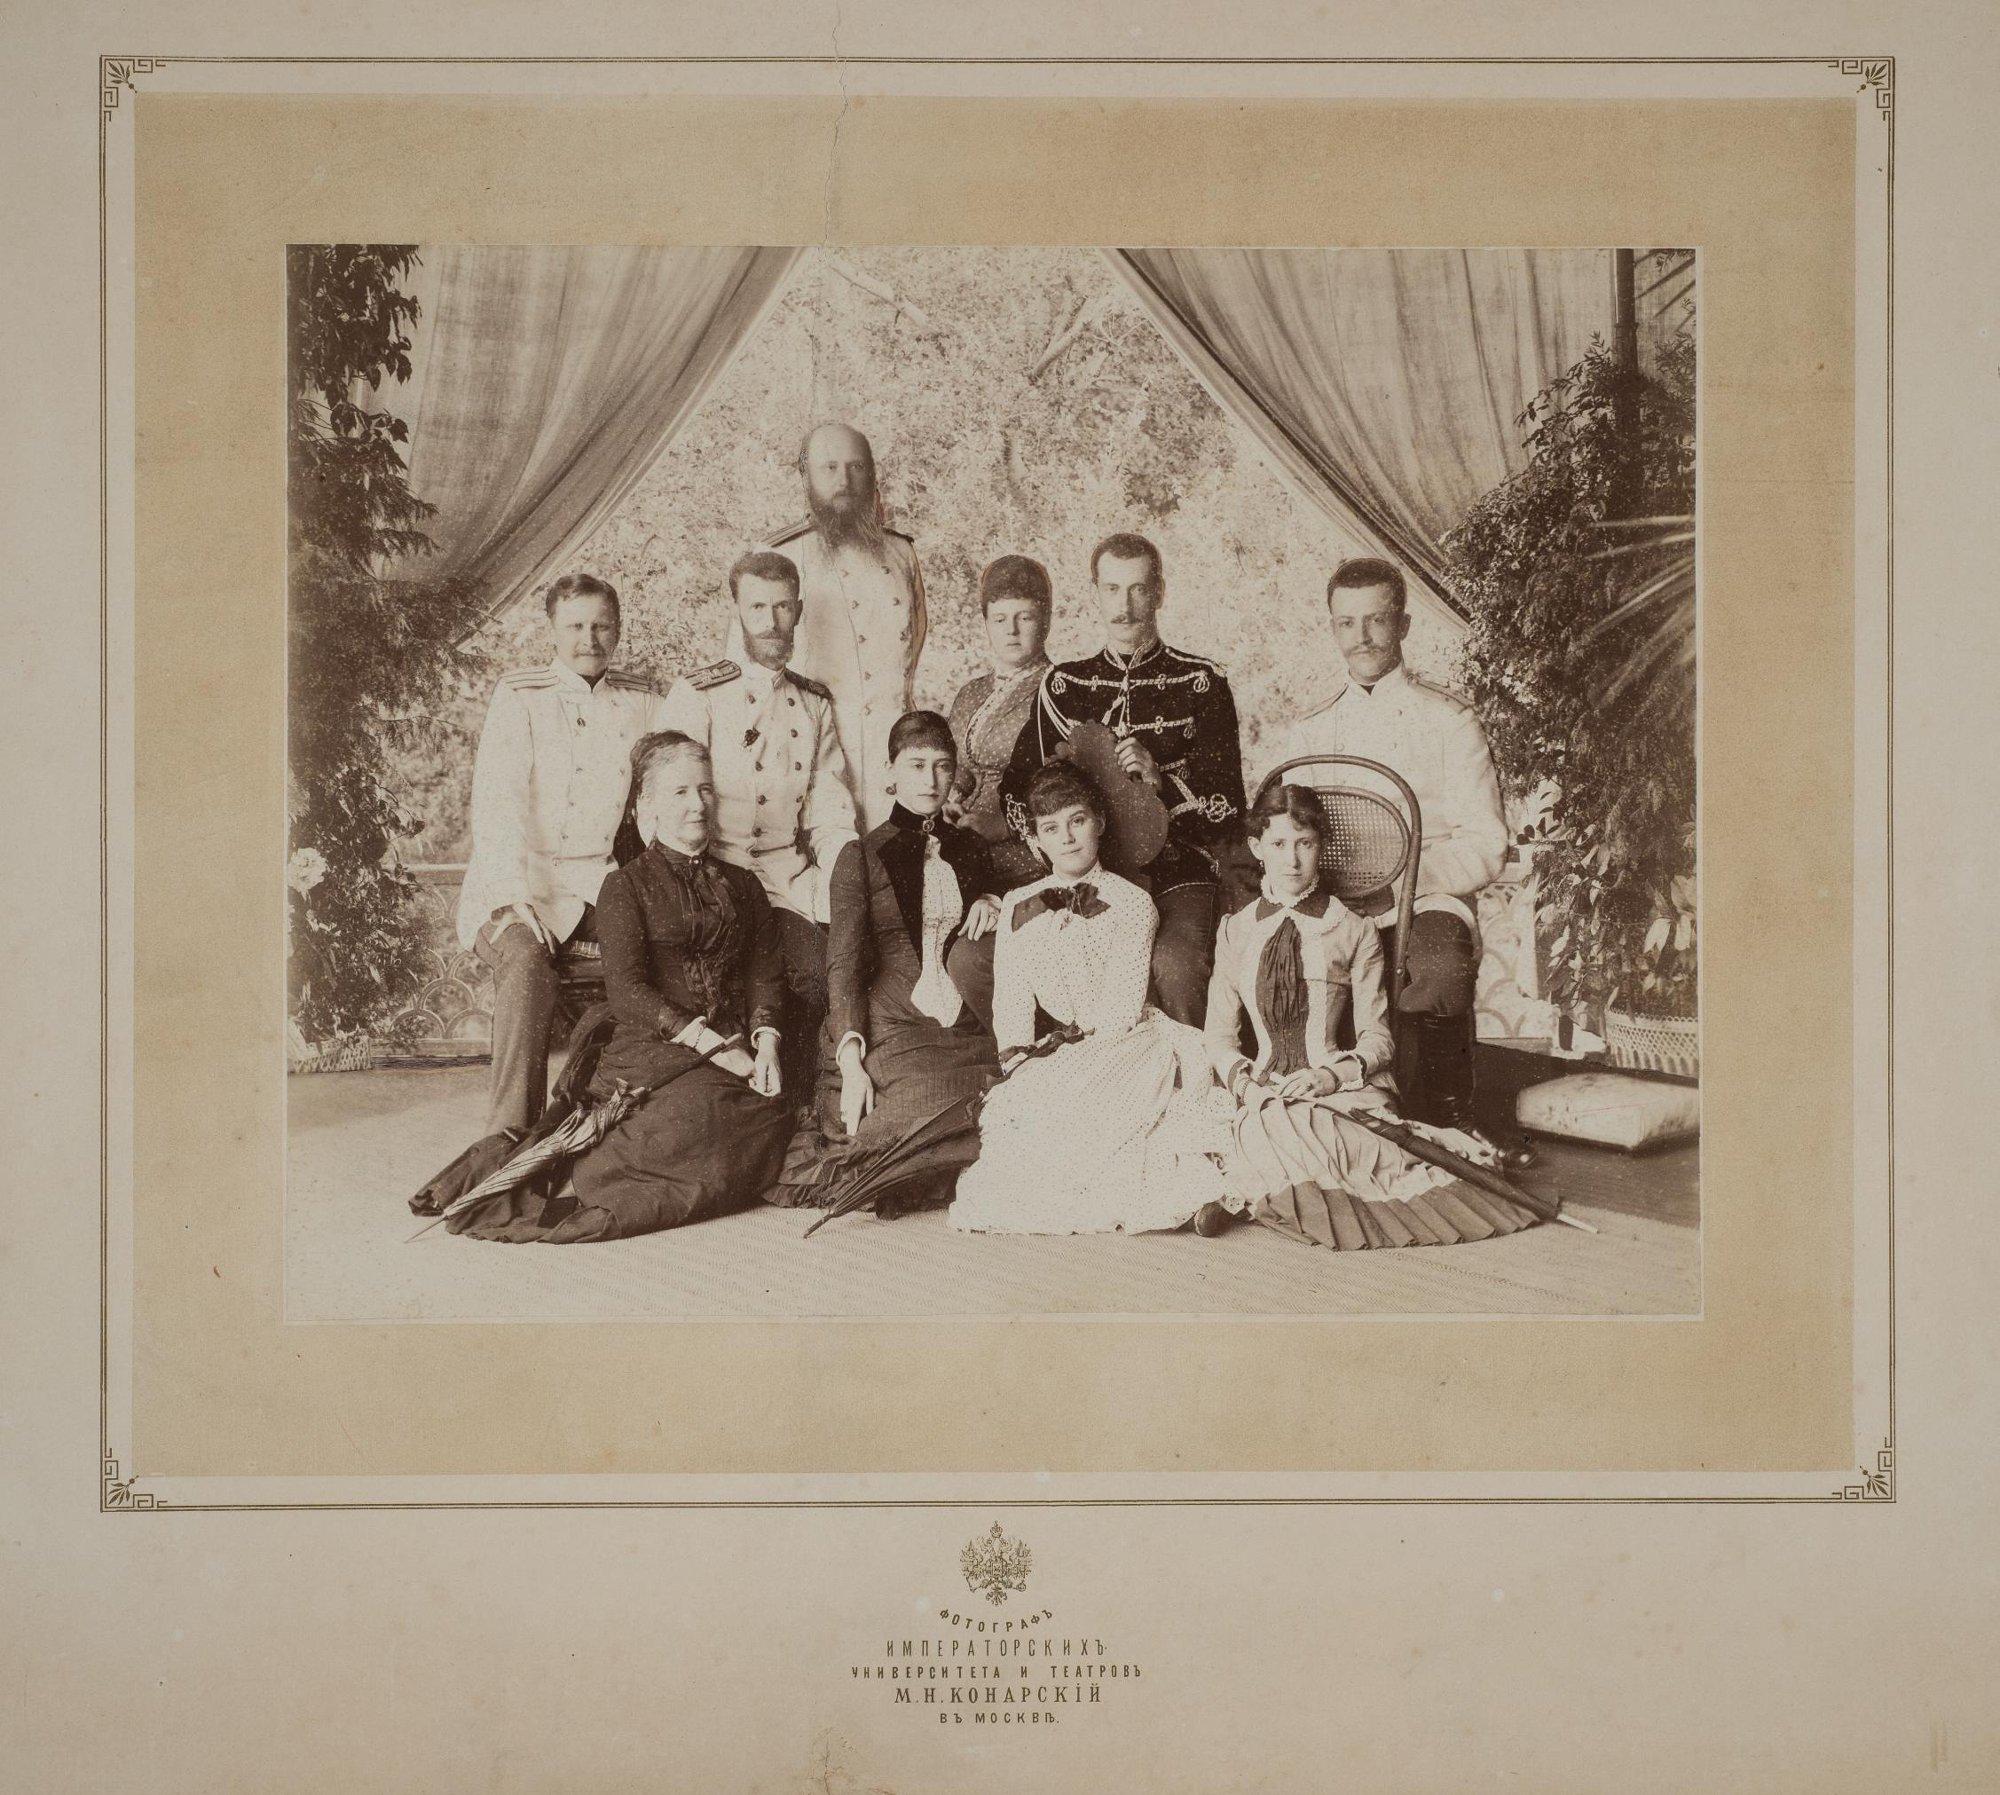 1884. Великий князь Сергей Александрович и великая княгиня Елизавета Фёдоровна с приближёнными на балконе в Ильинском